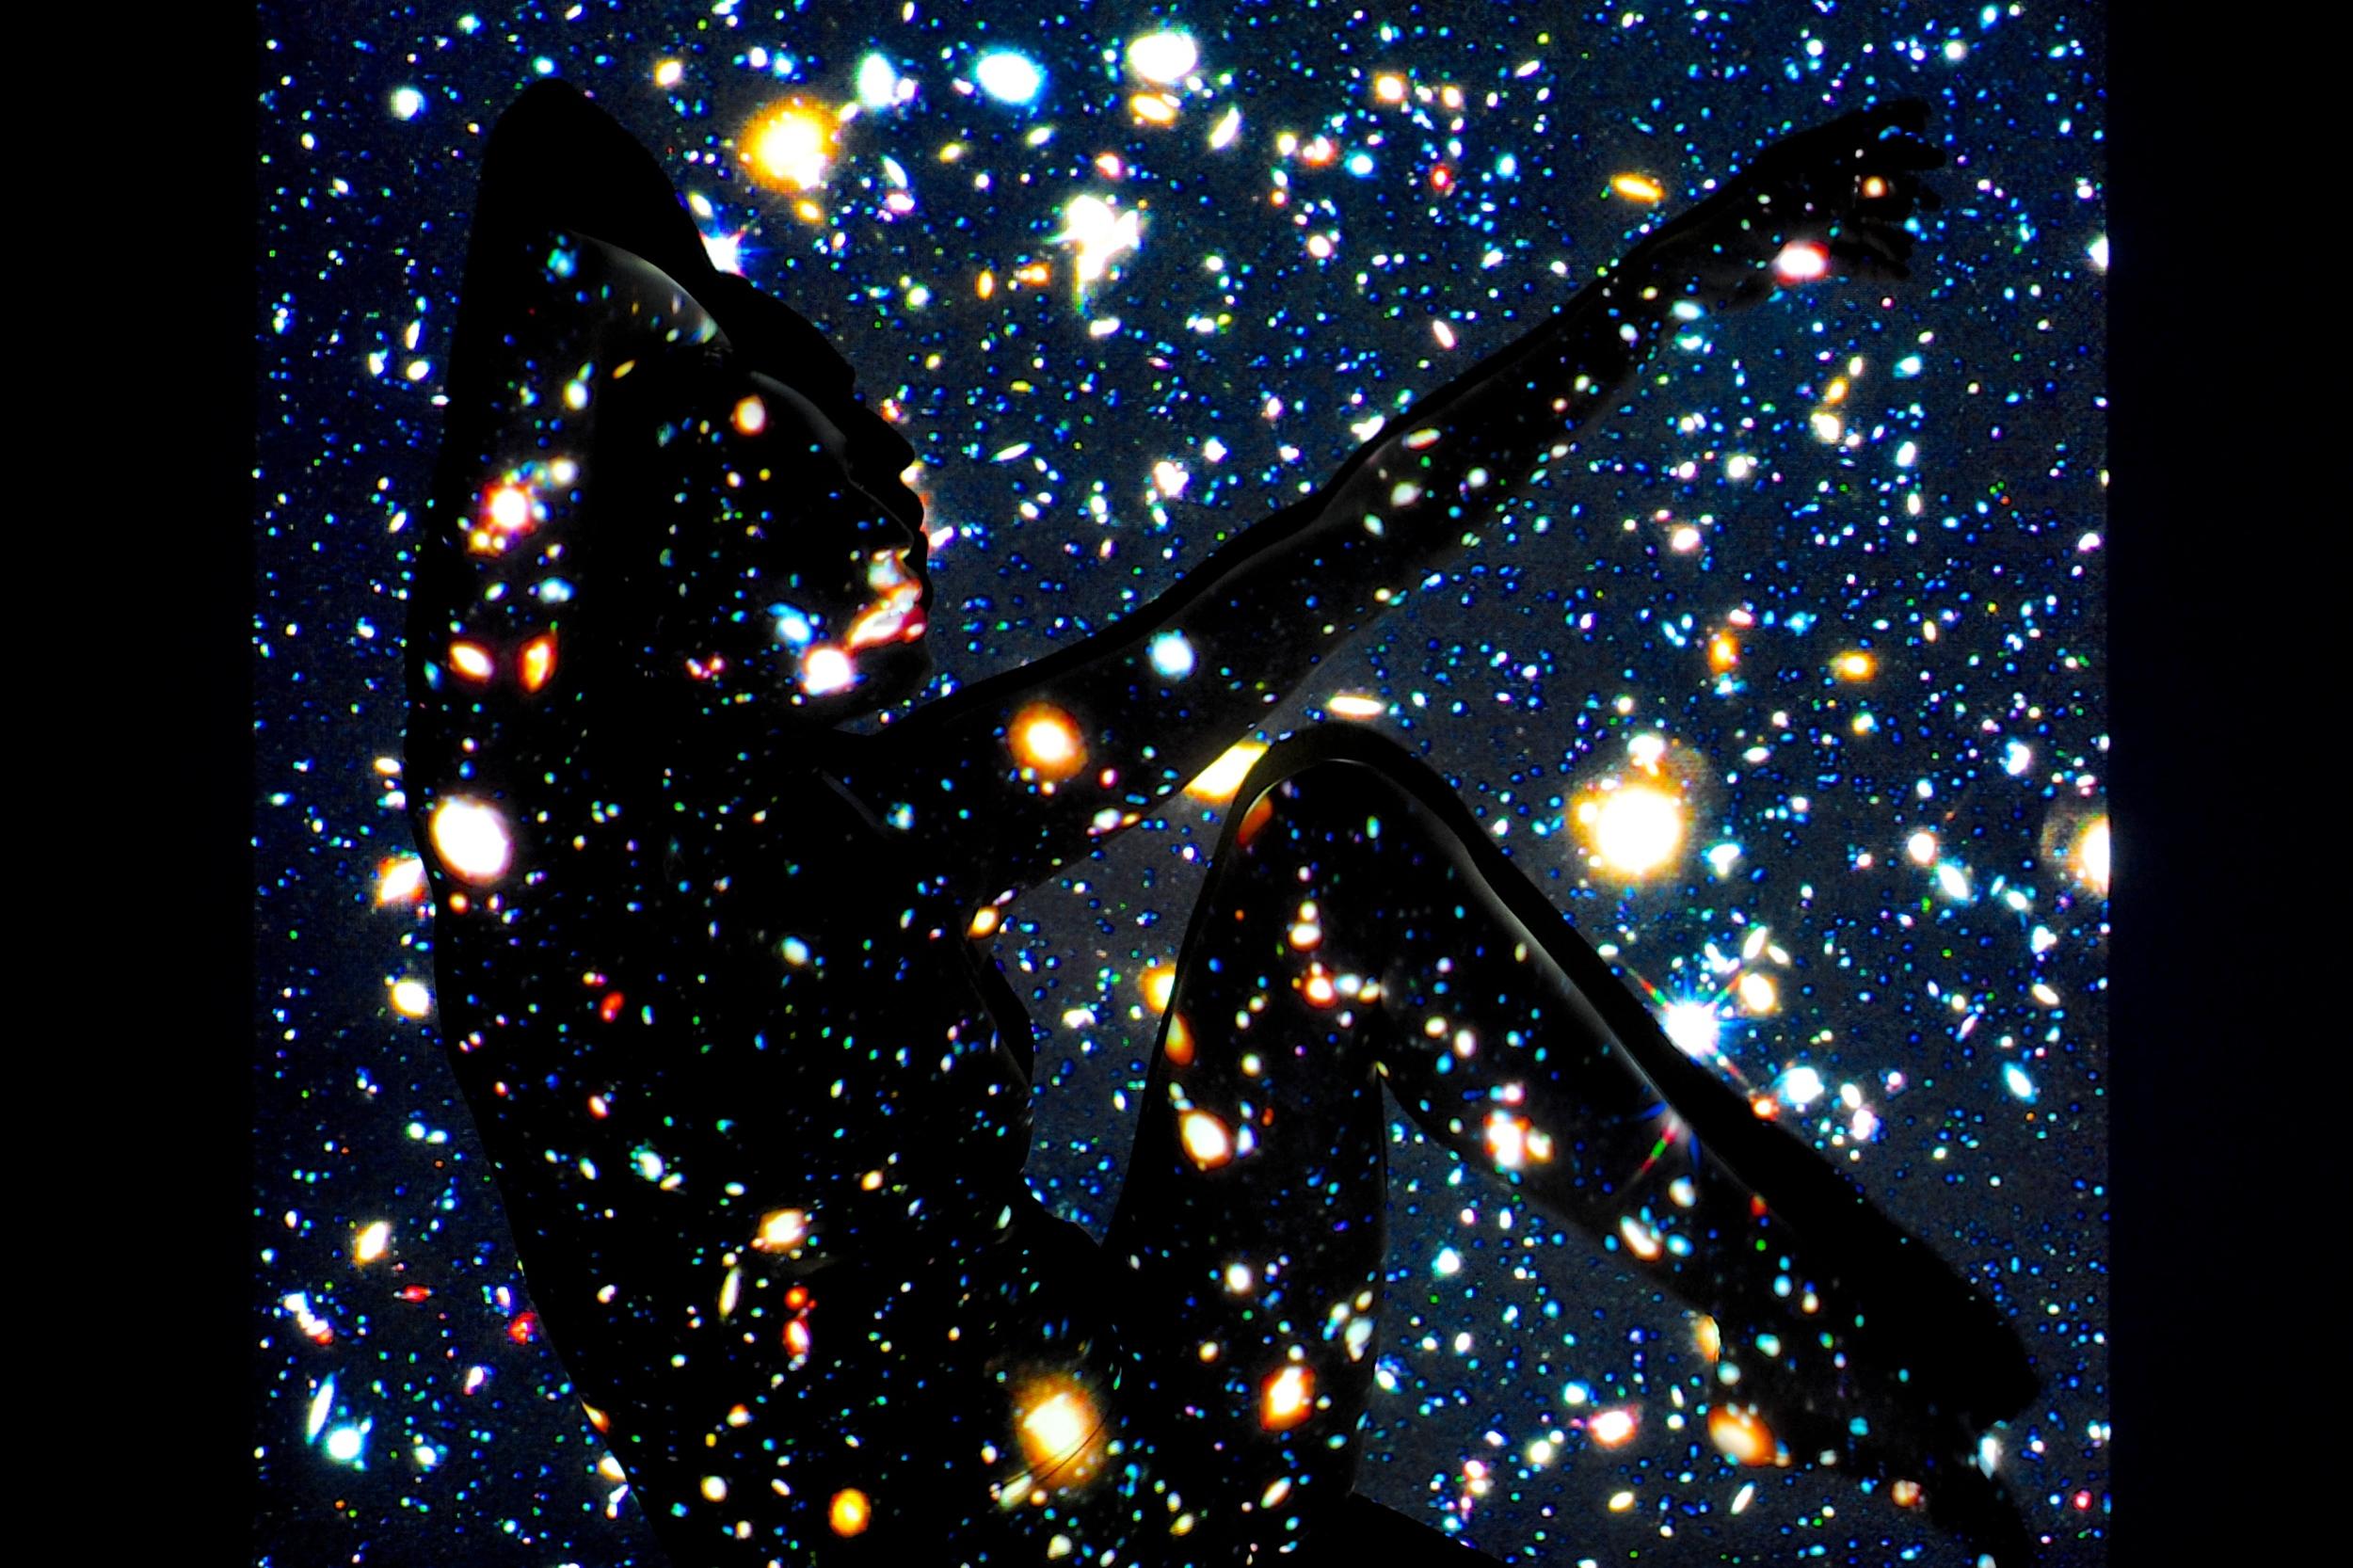 Ultraviolet Hubble Ultra Deep Field